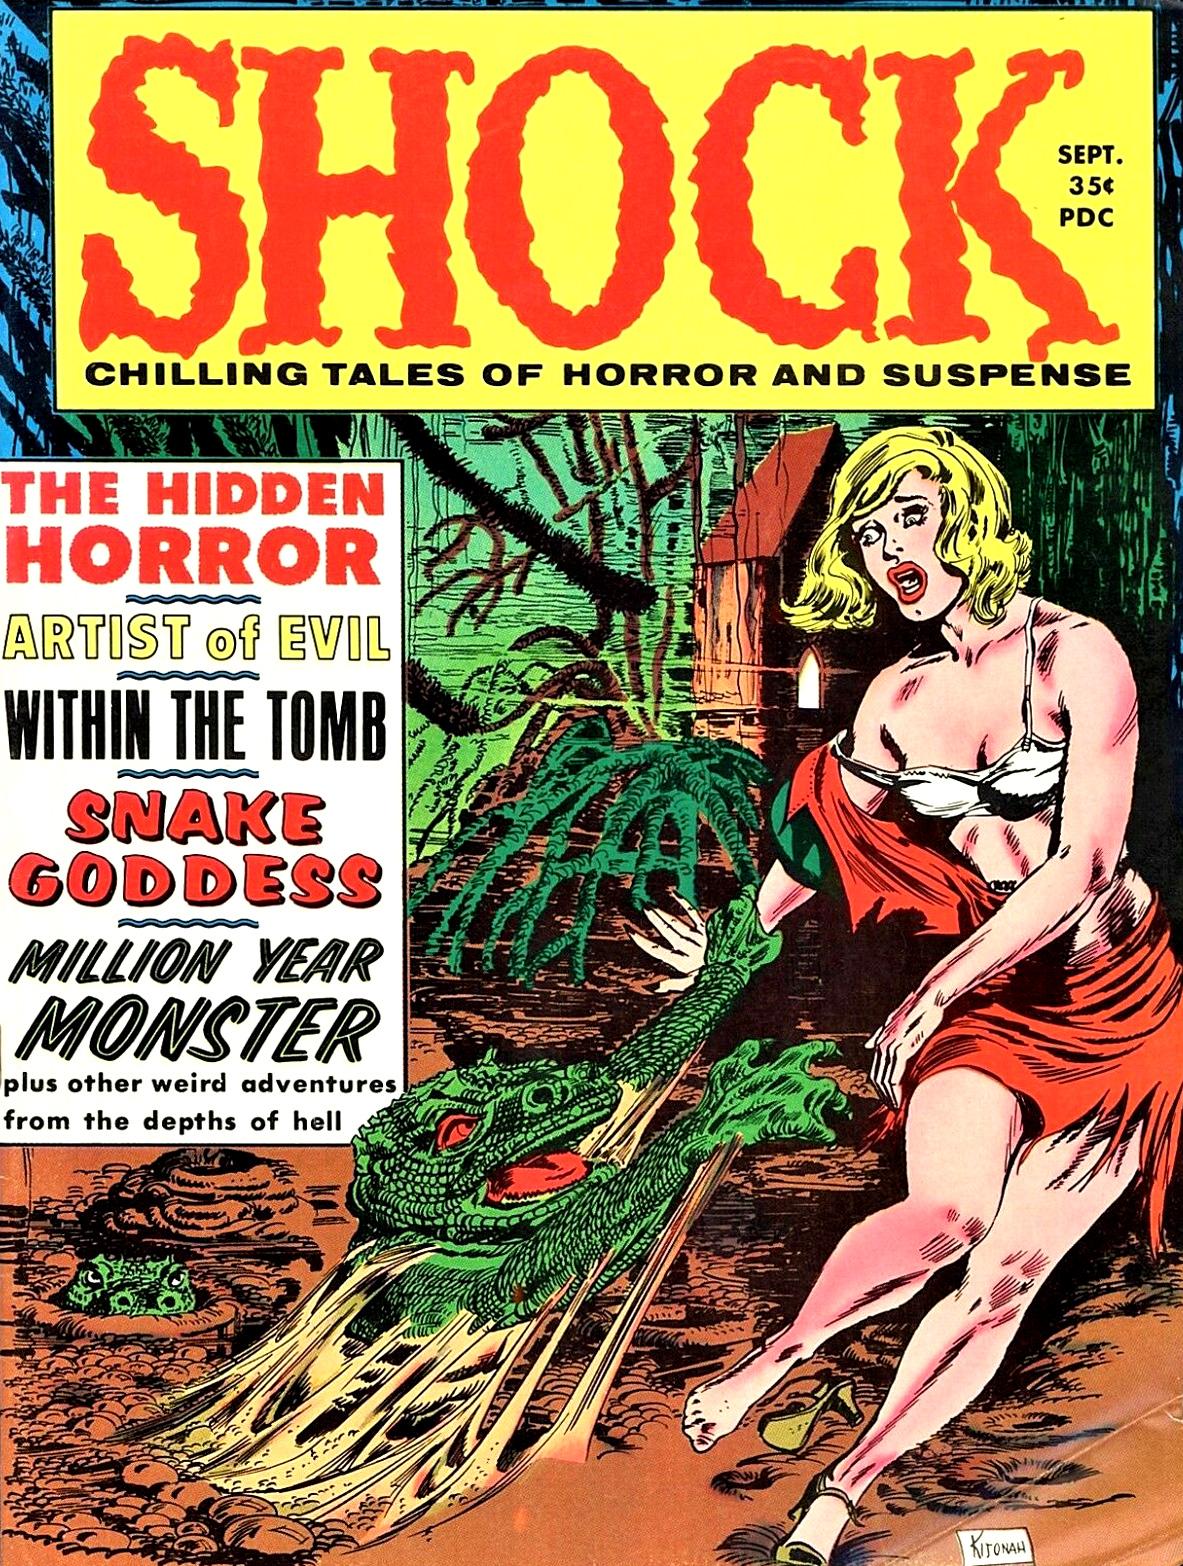 Shock - Volume 1, Issue 03, September 1969